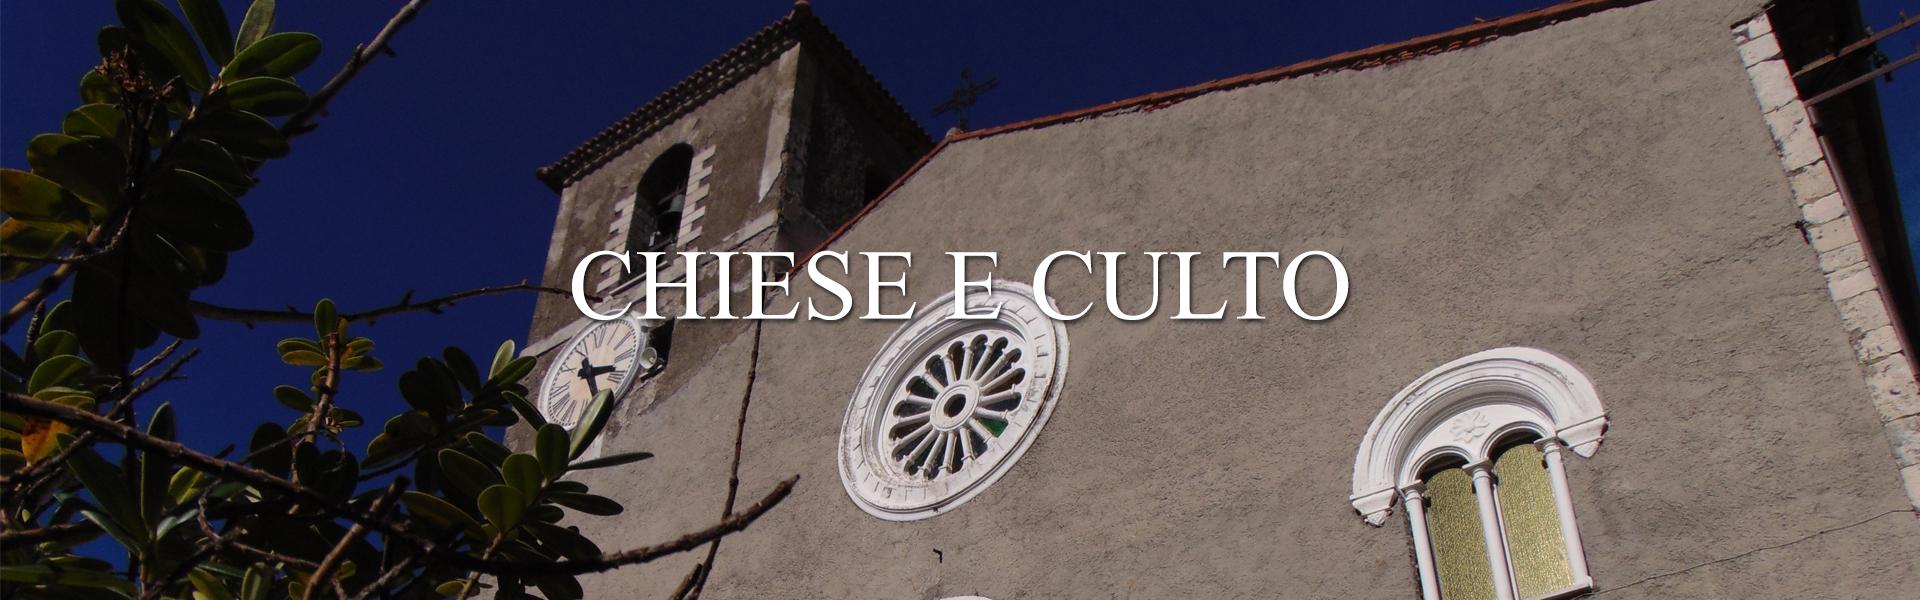 copertina-chiese-e-culto